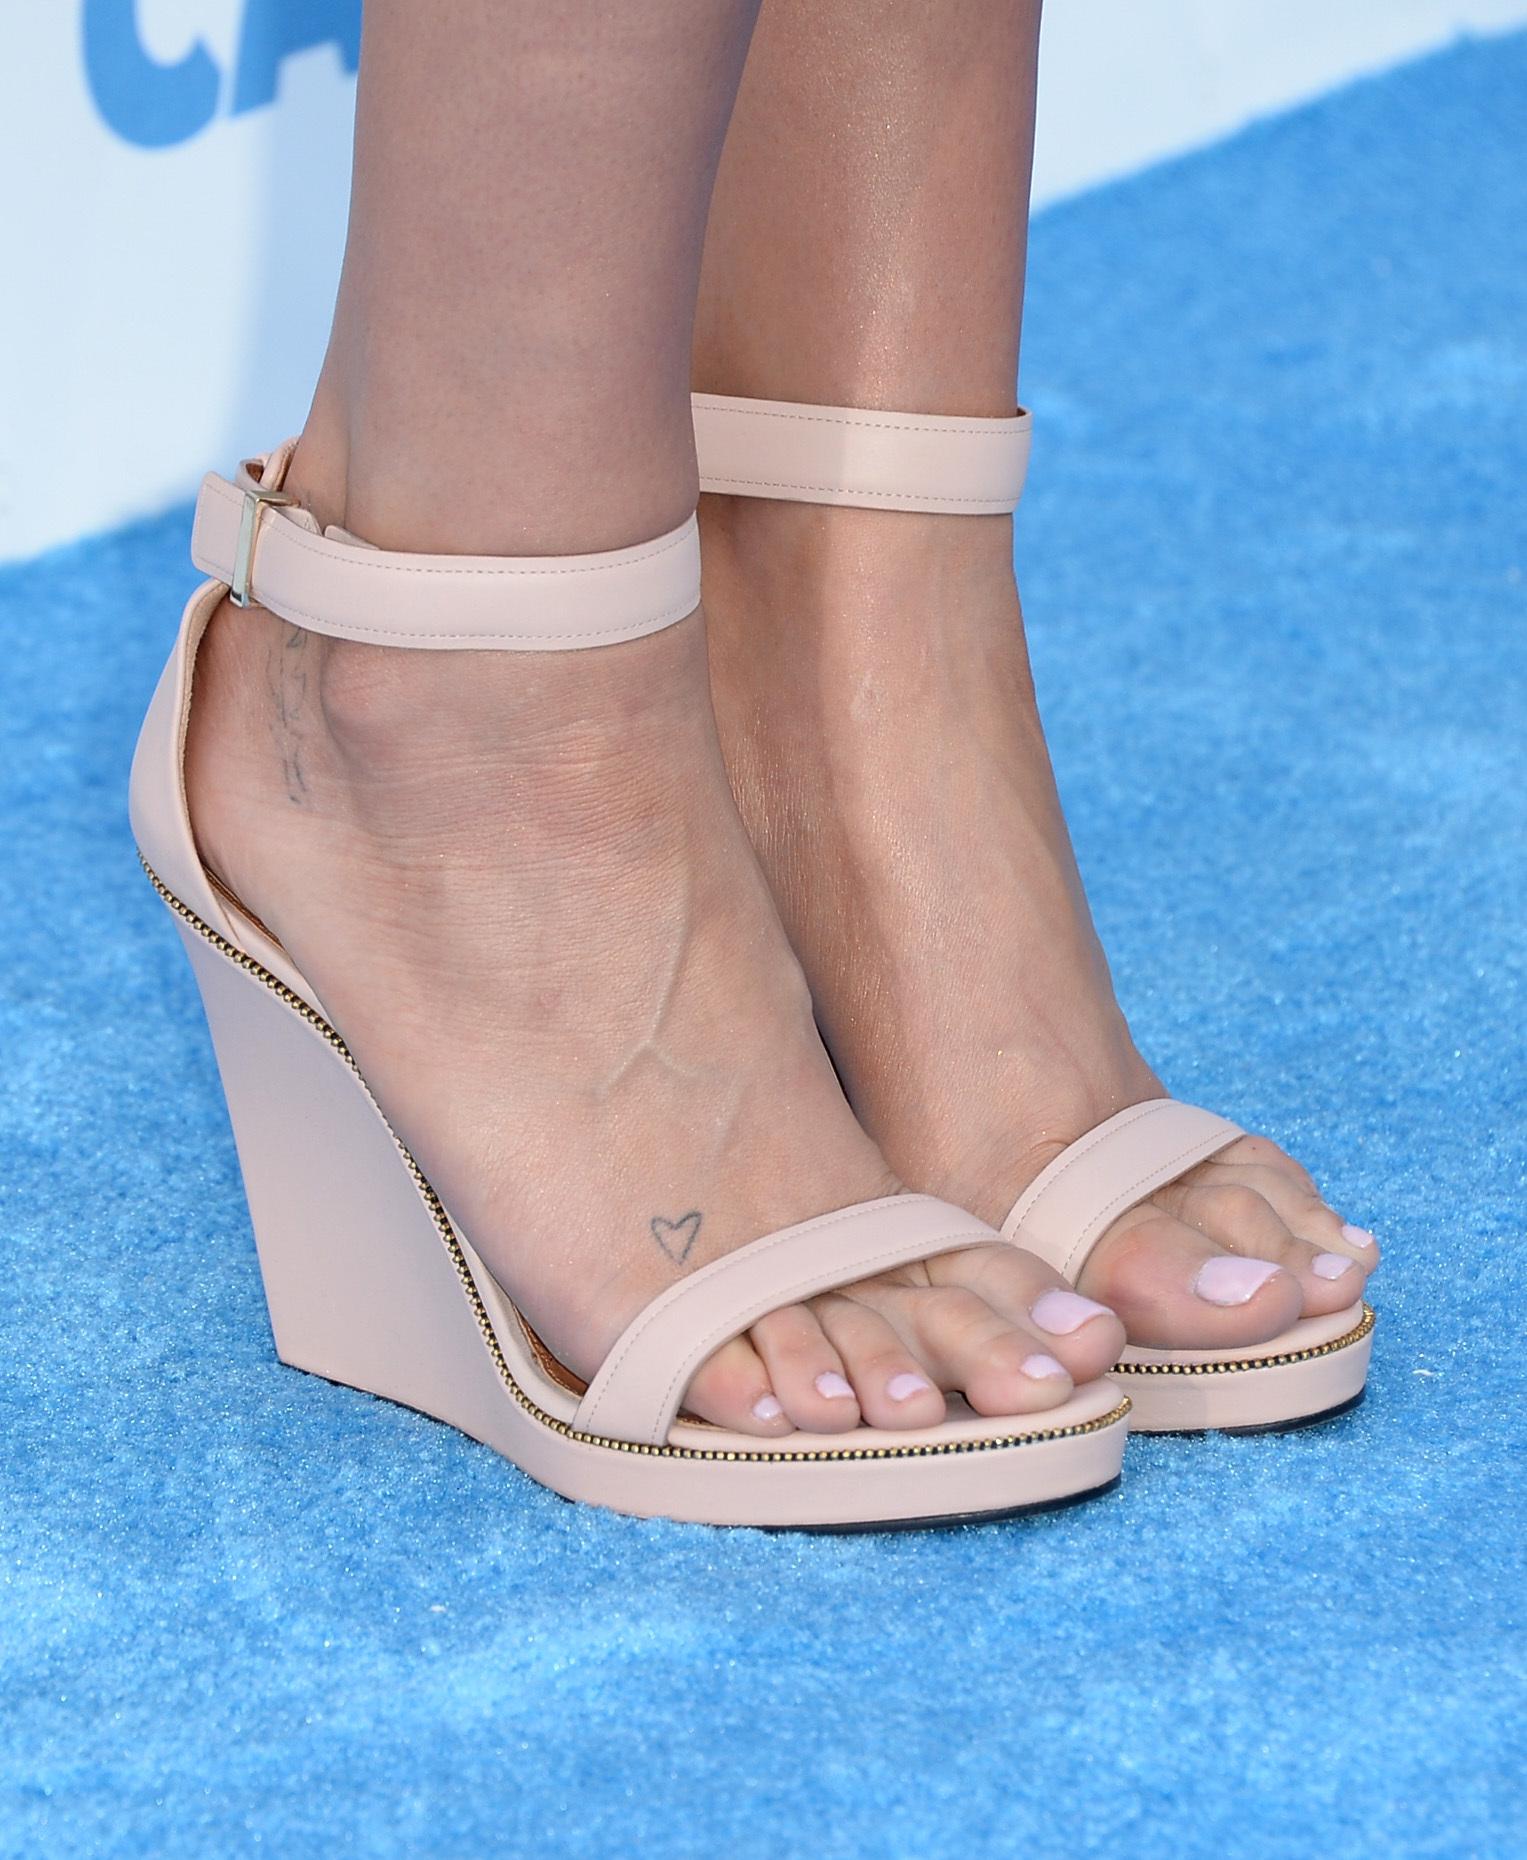 Kesha S Feet